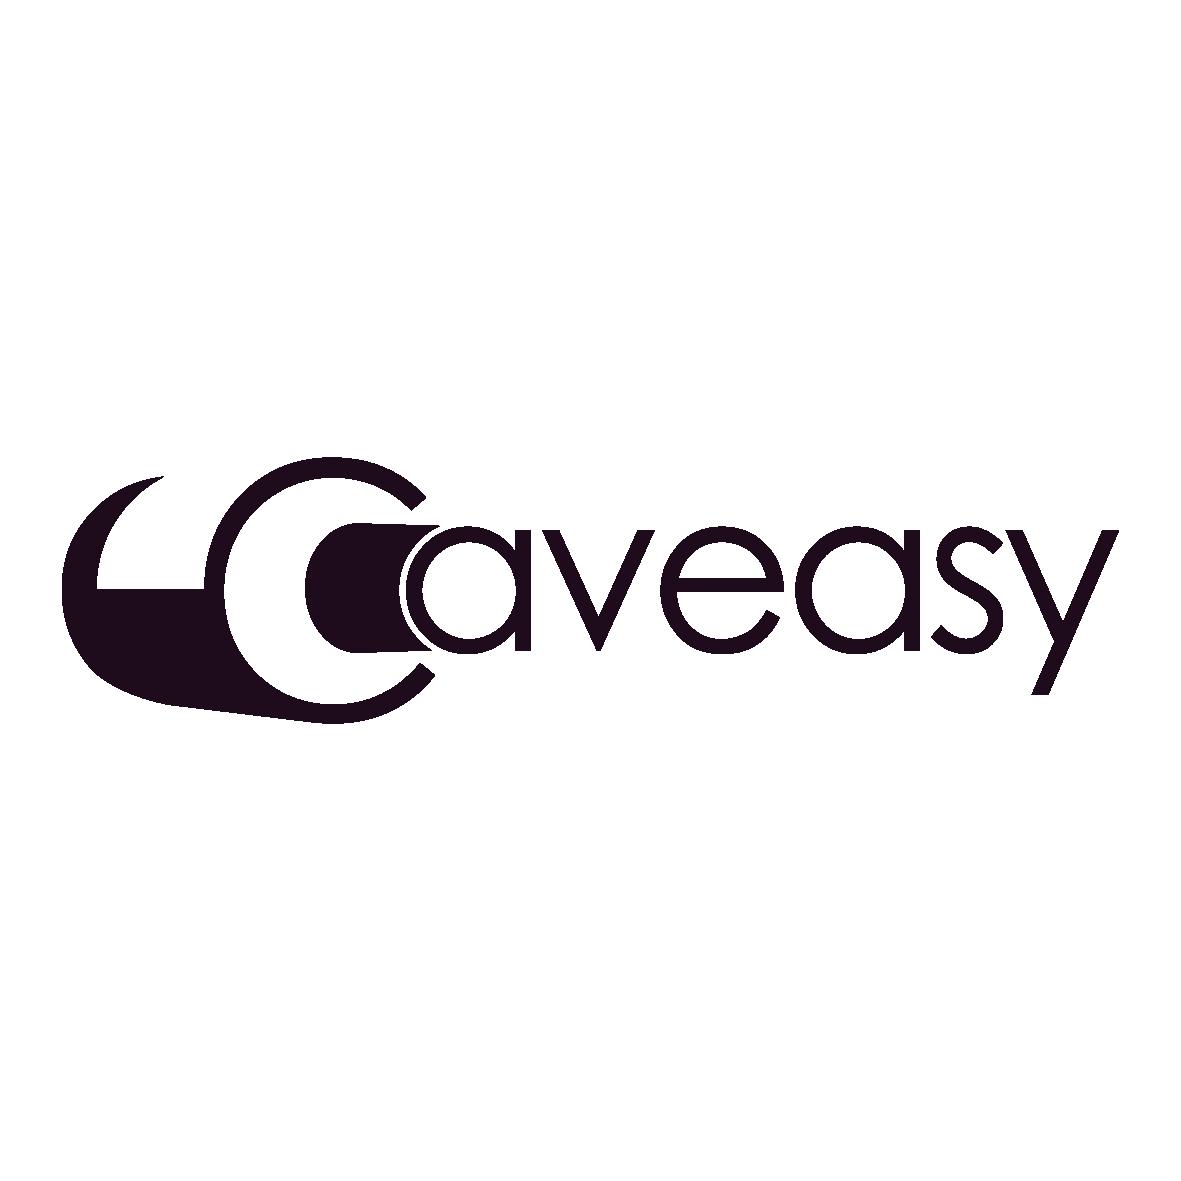 Caveasy